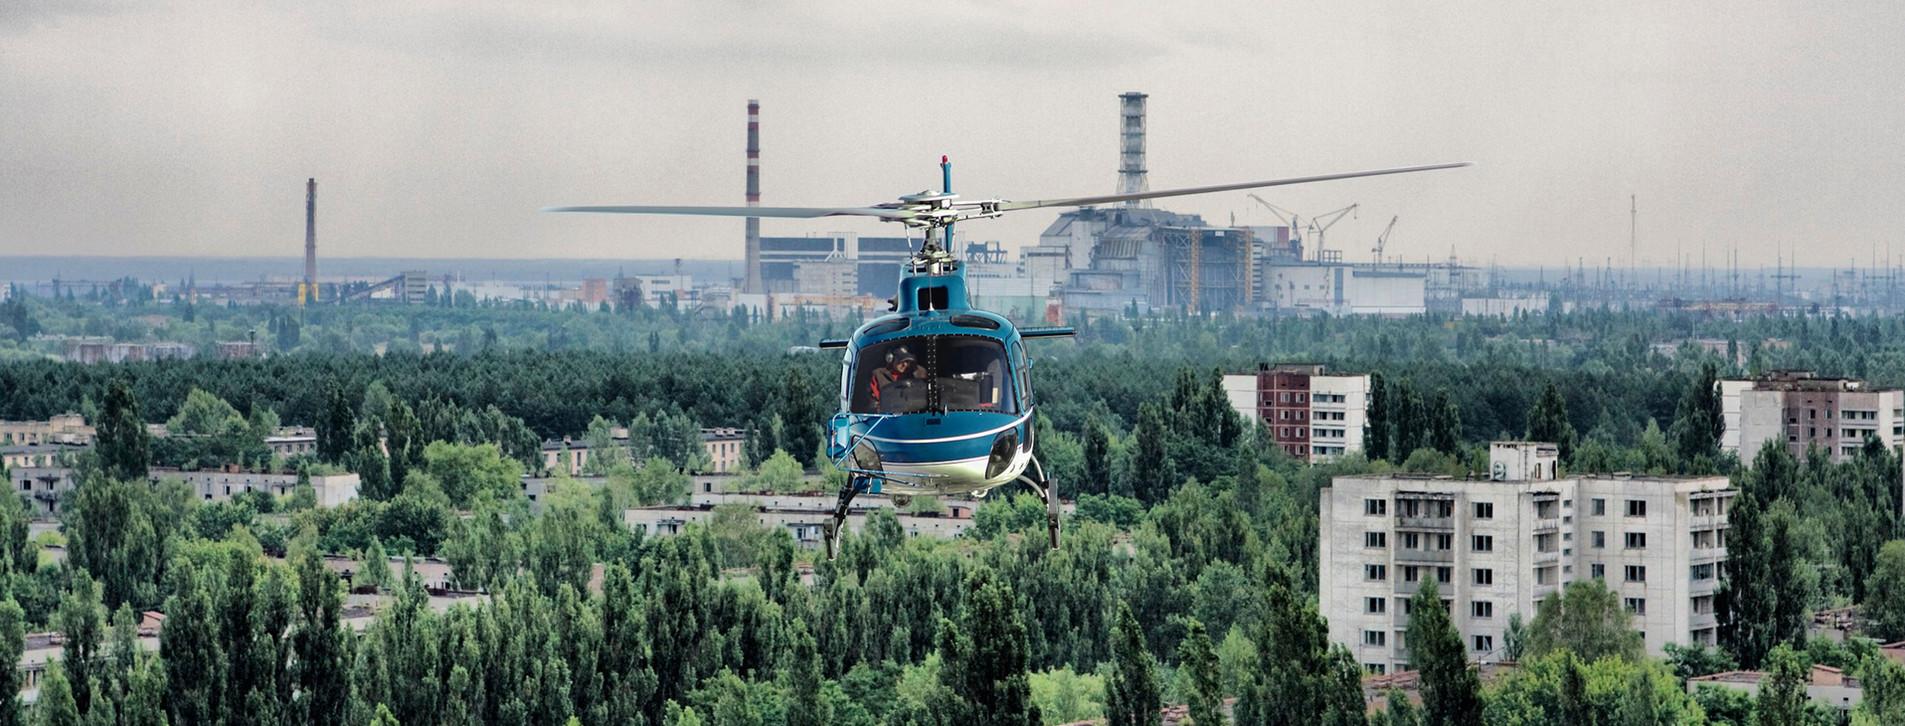 Фото - Полет на вертолете в Чернобыль